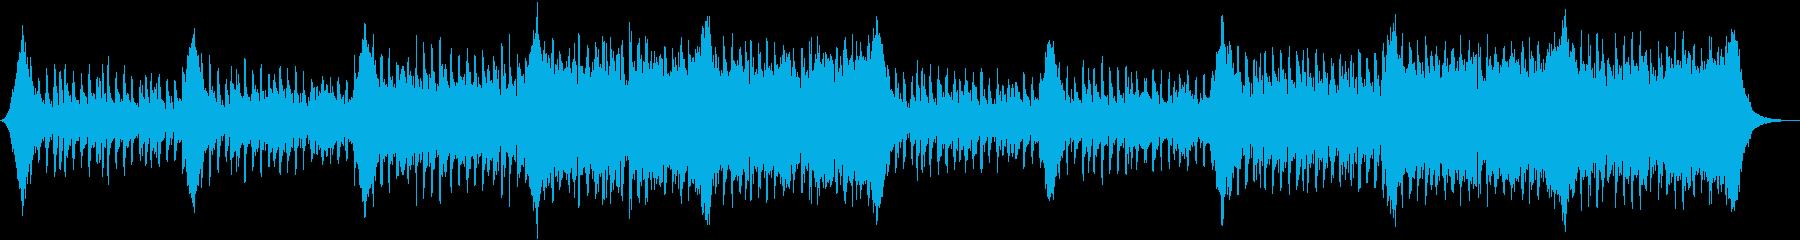 企業VPや映像50、壮大、オーケストラaの再生済みの波形